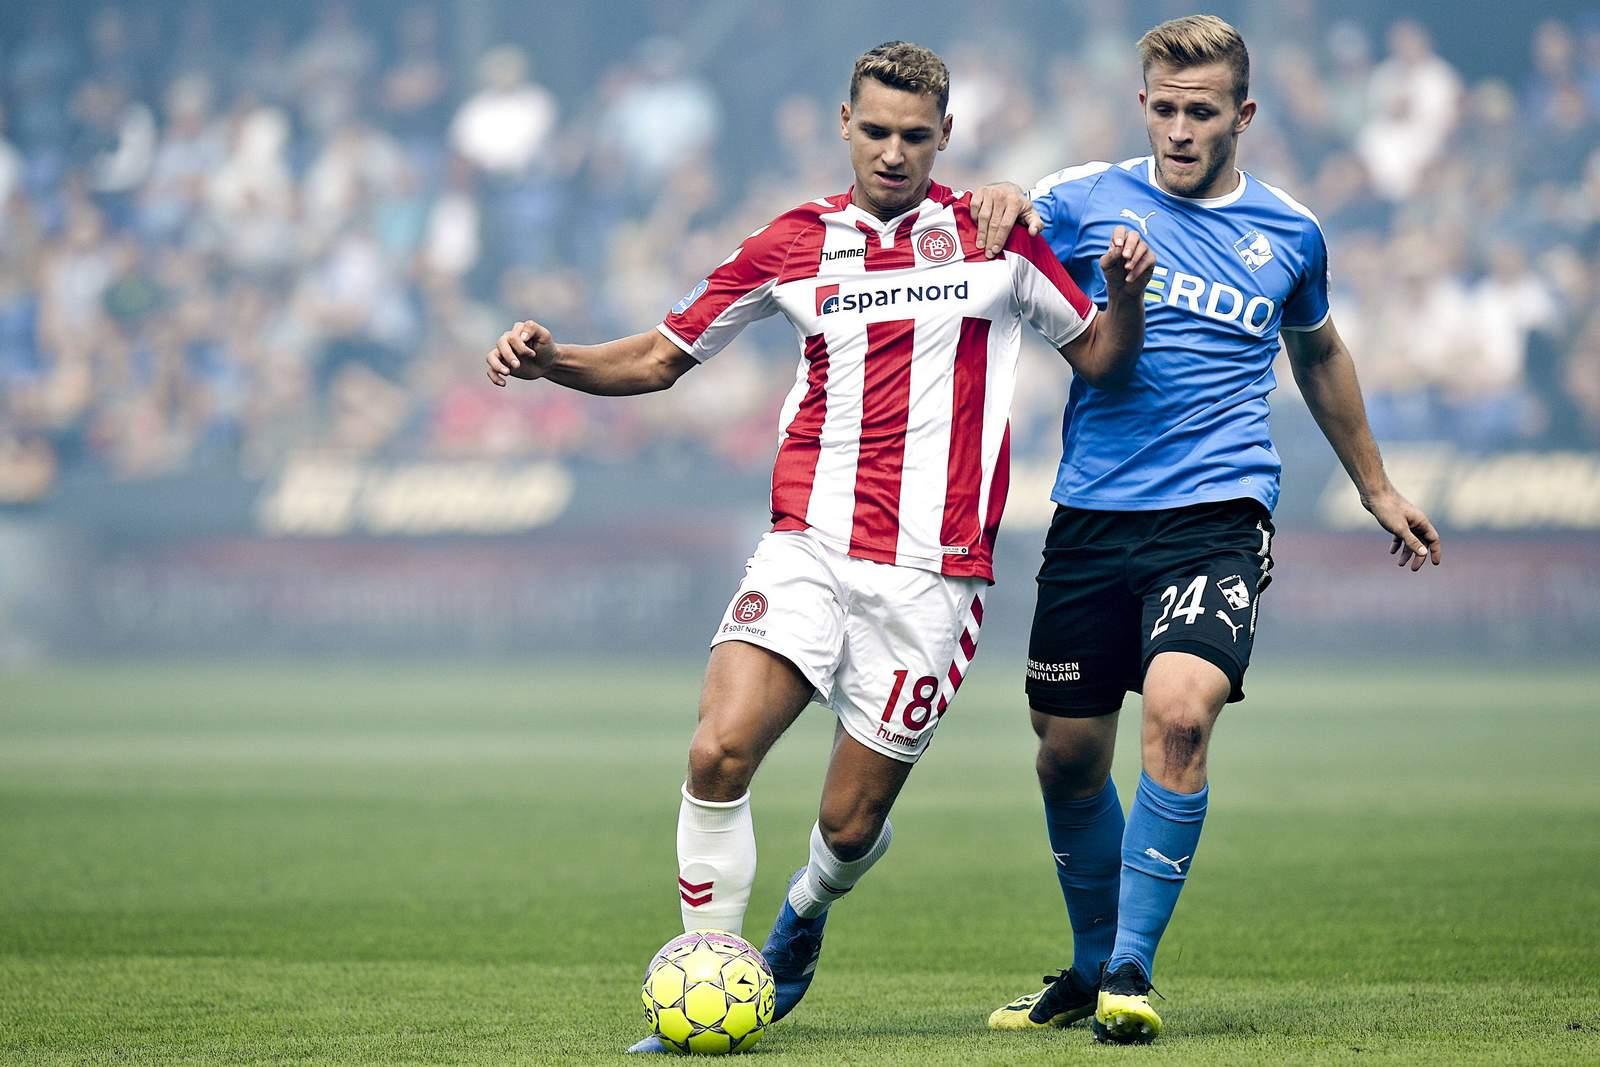 Rasmus Thellufsen bei Aalborg BK gegen Jonas Bager von Randers